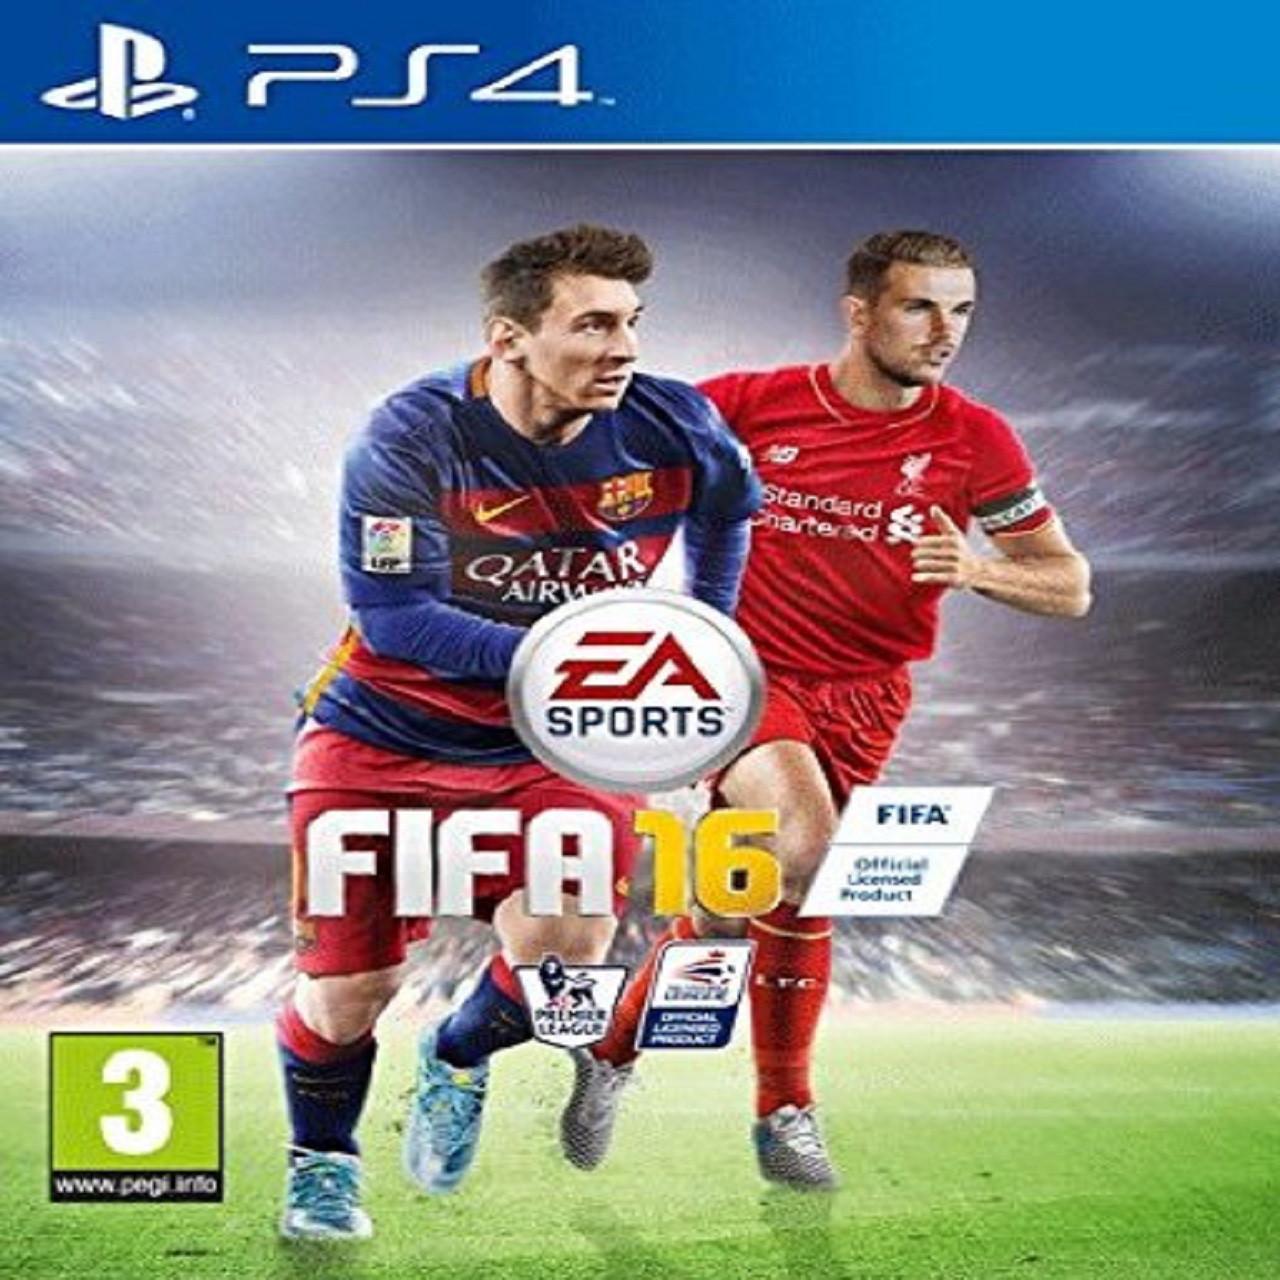 Fifa 16 RUS PS4 (Б/В)